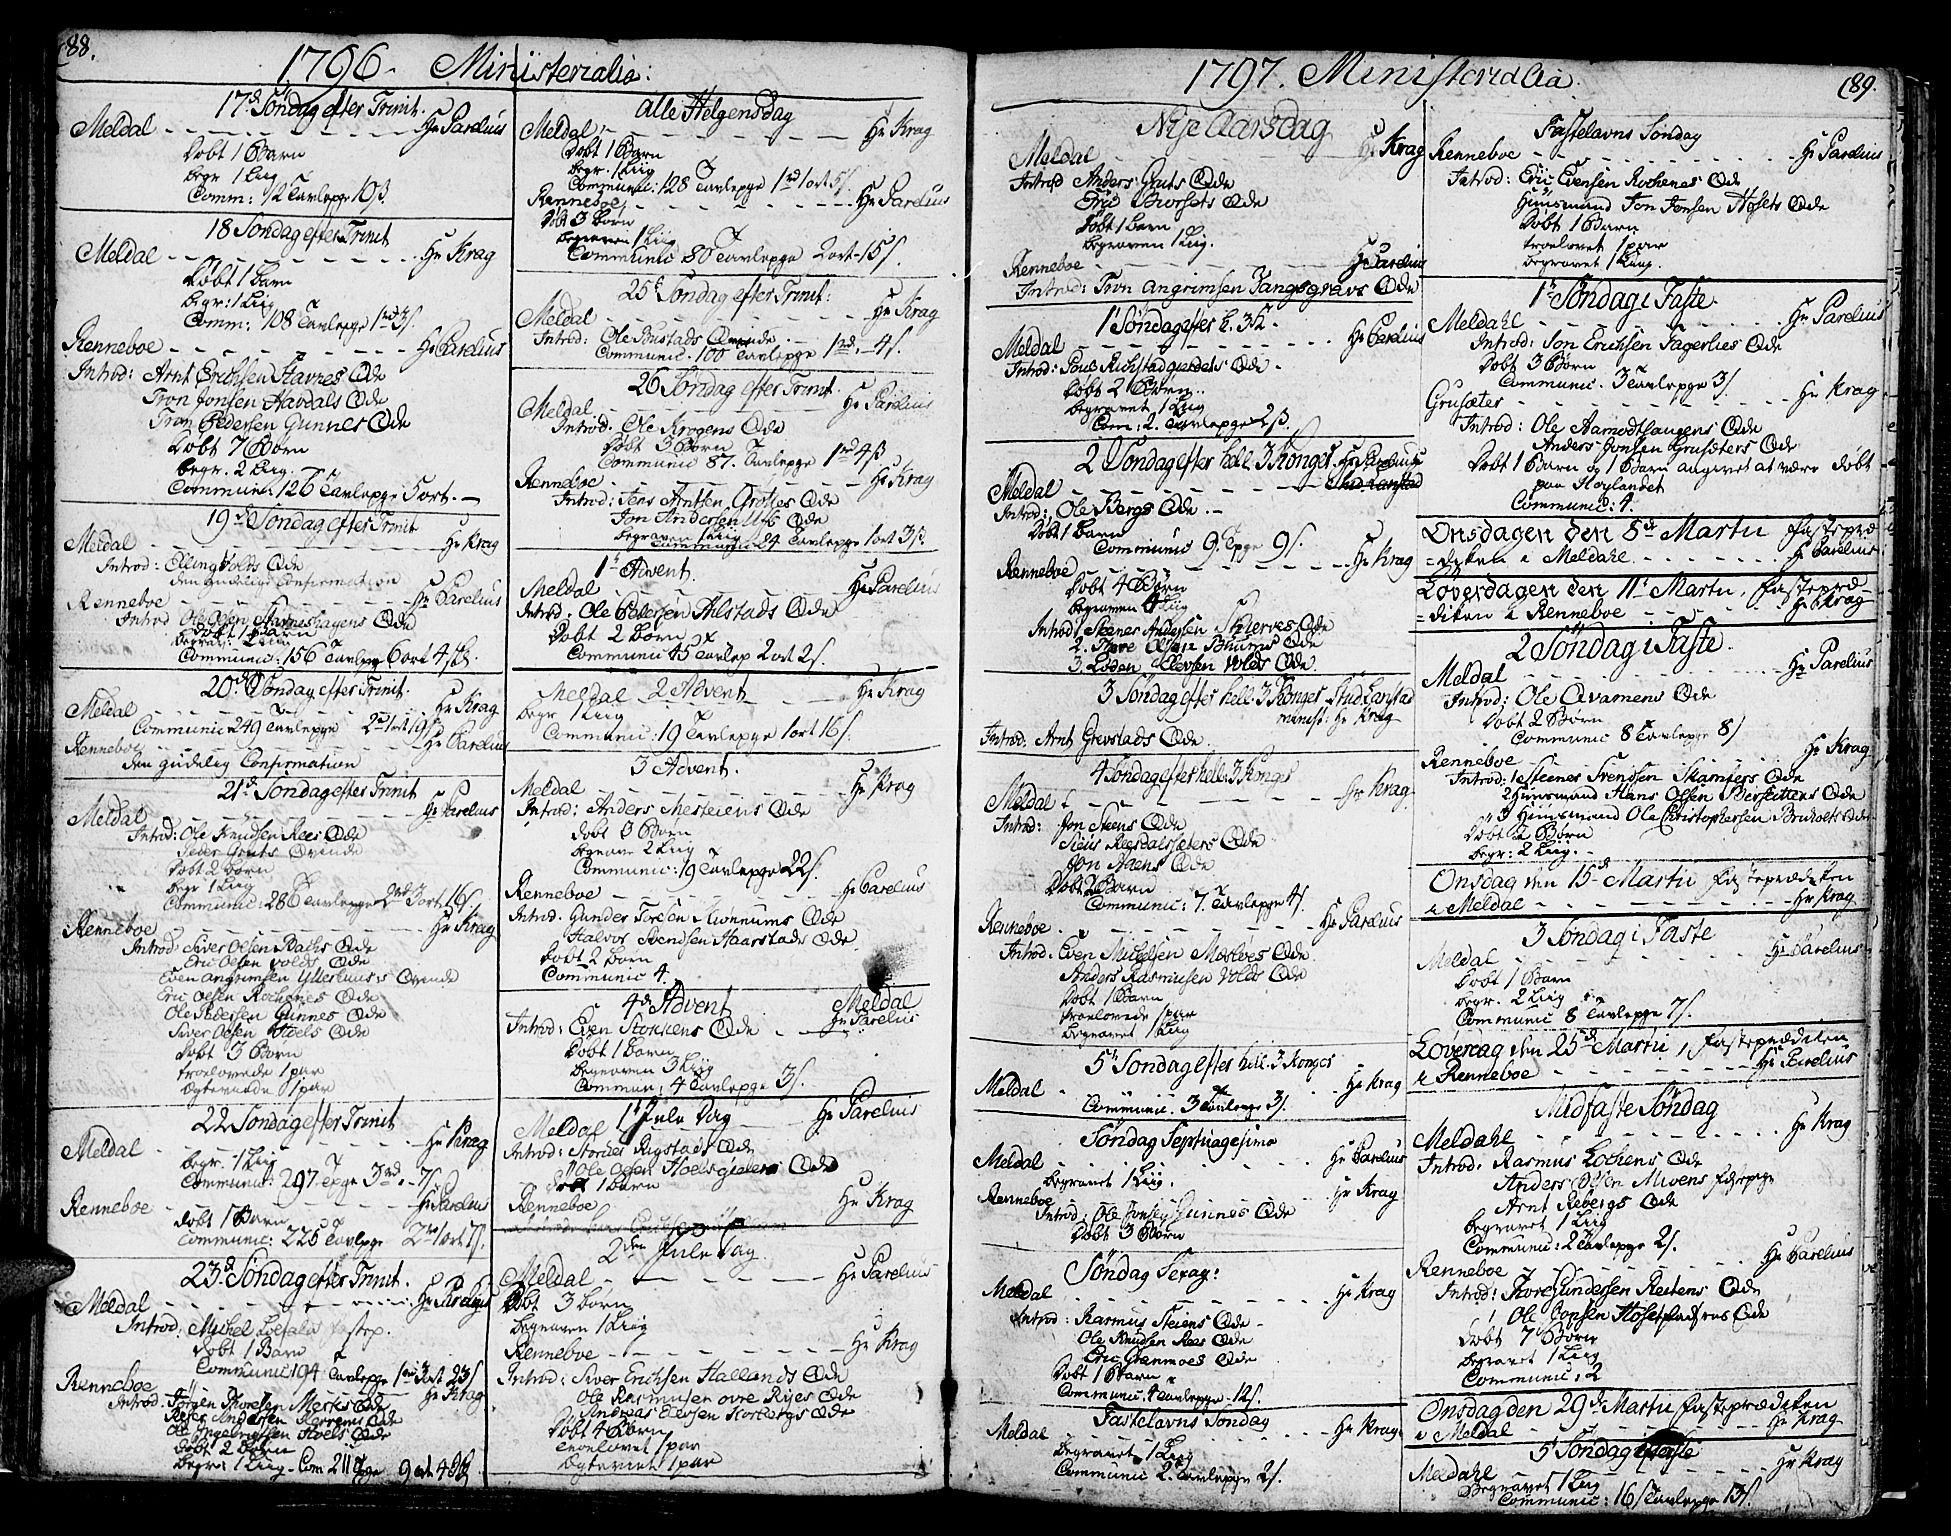 SAT, Ministerialprotokoller, klokkerbøker og fødselsregistre - Sør-Trøndelag, 672/L0852: Ministerialbok nr. 672A05, 1776-1815, s. 88-89